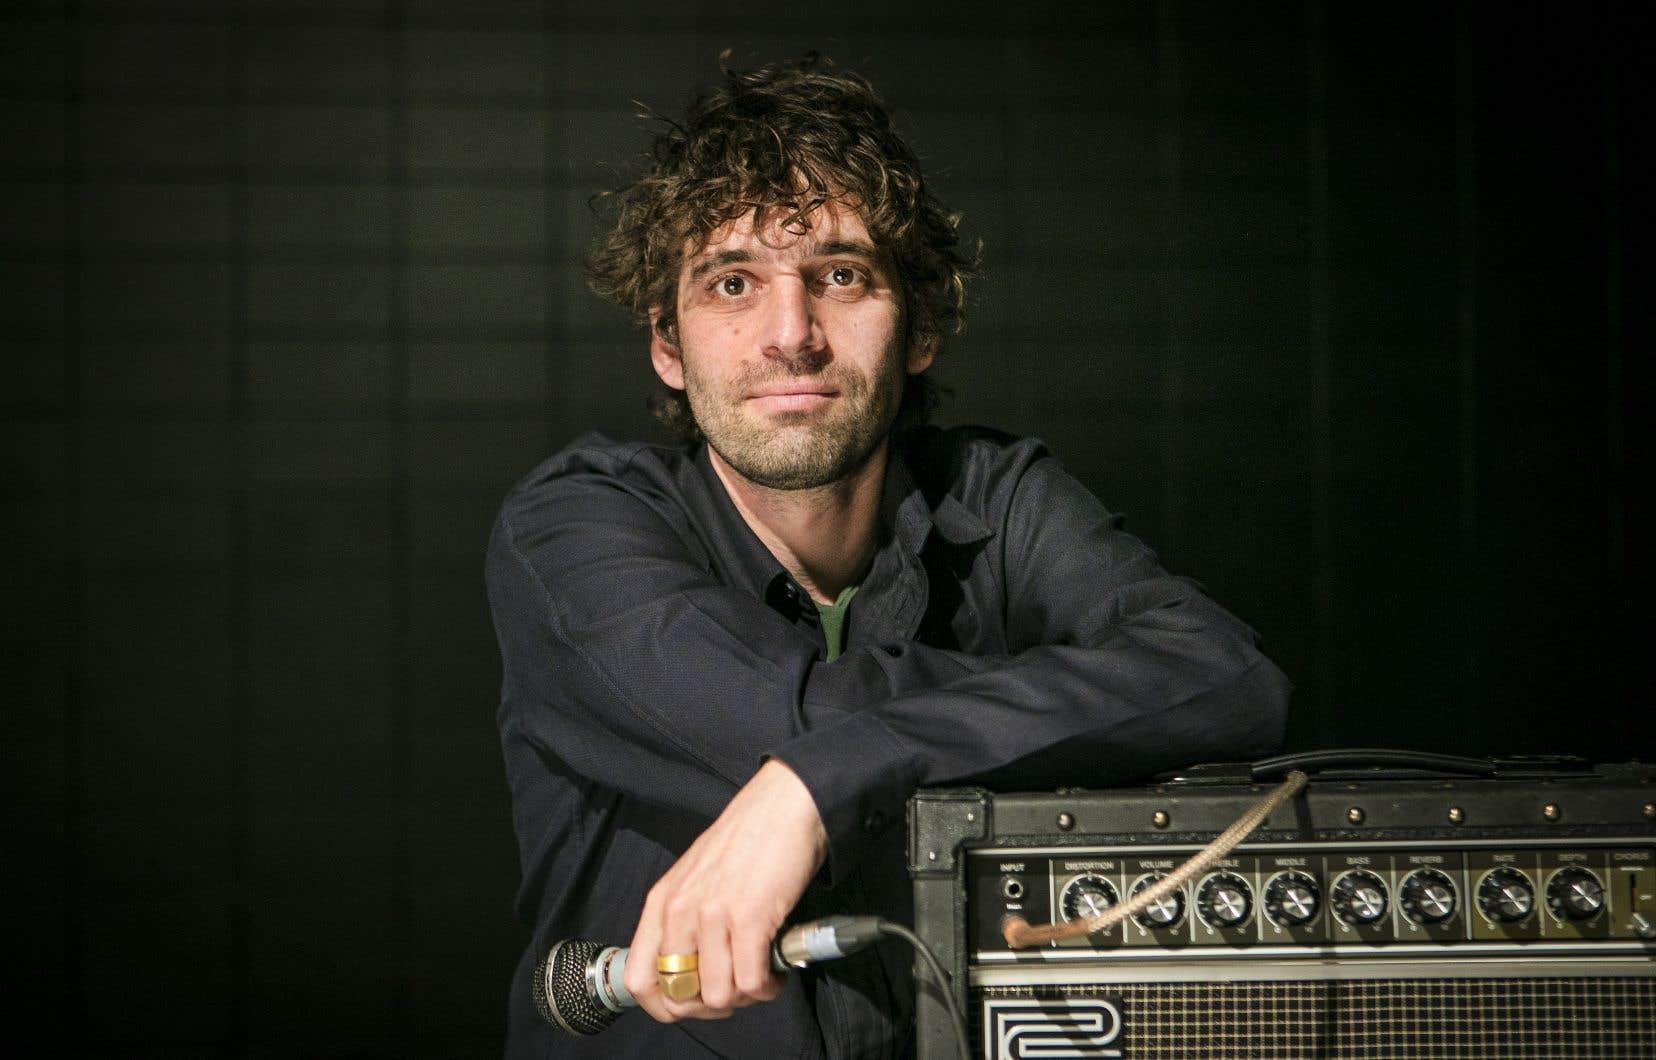 Ben Shemie membre, du groupe Suuns, qui travaille désormais sur un projet solo.